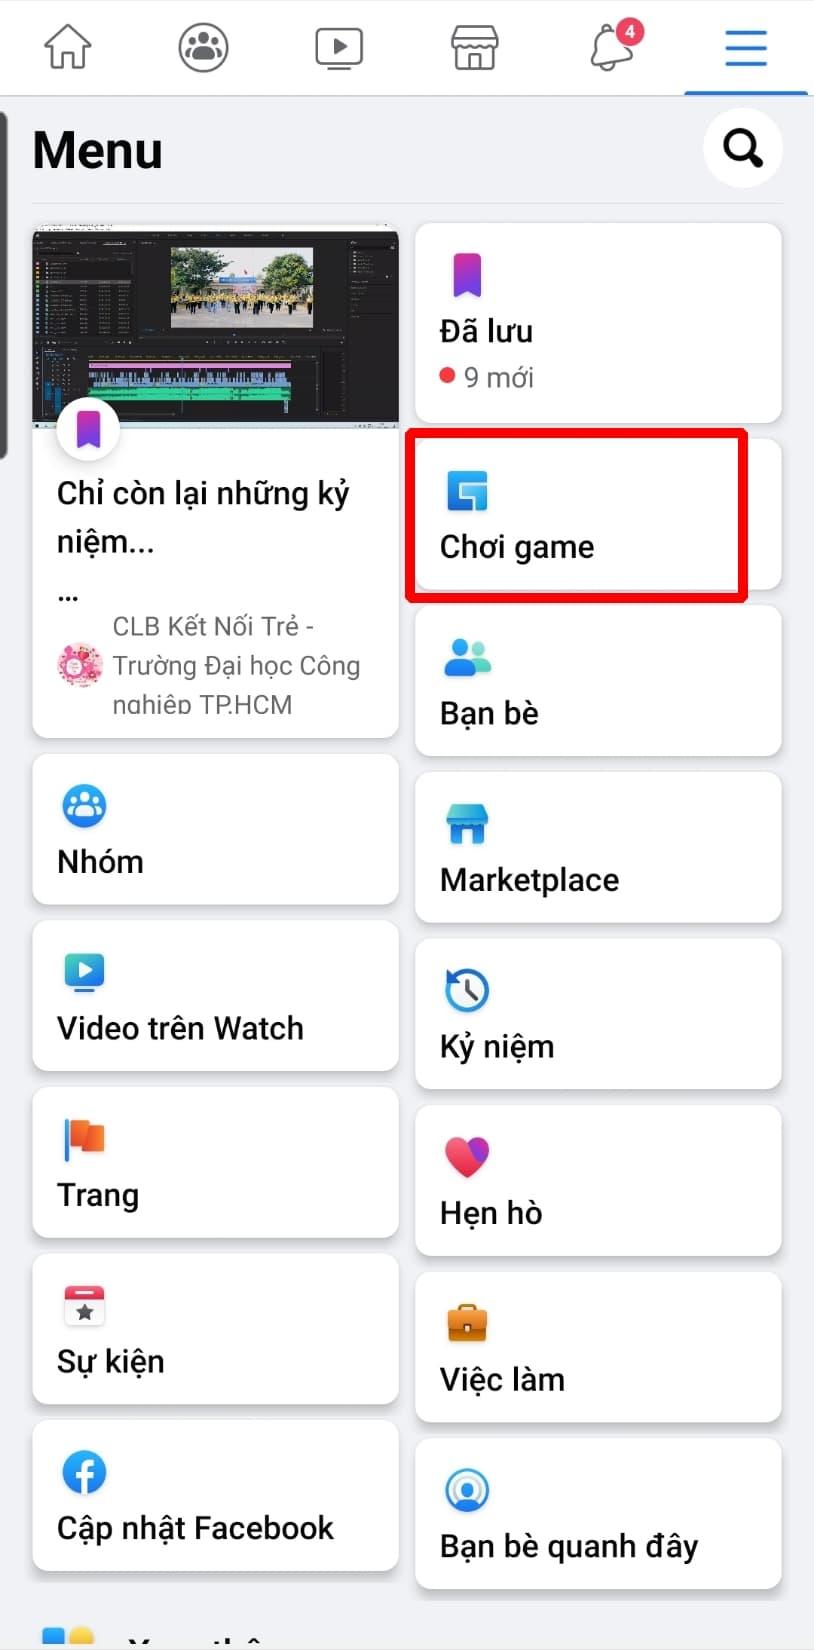 Cách chơi 8 ball pool trên facebook - Nhấn vào mục CHƠI GAME